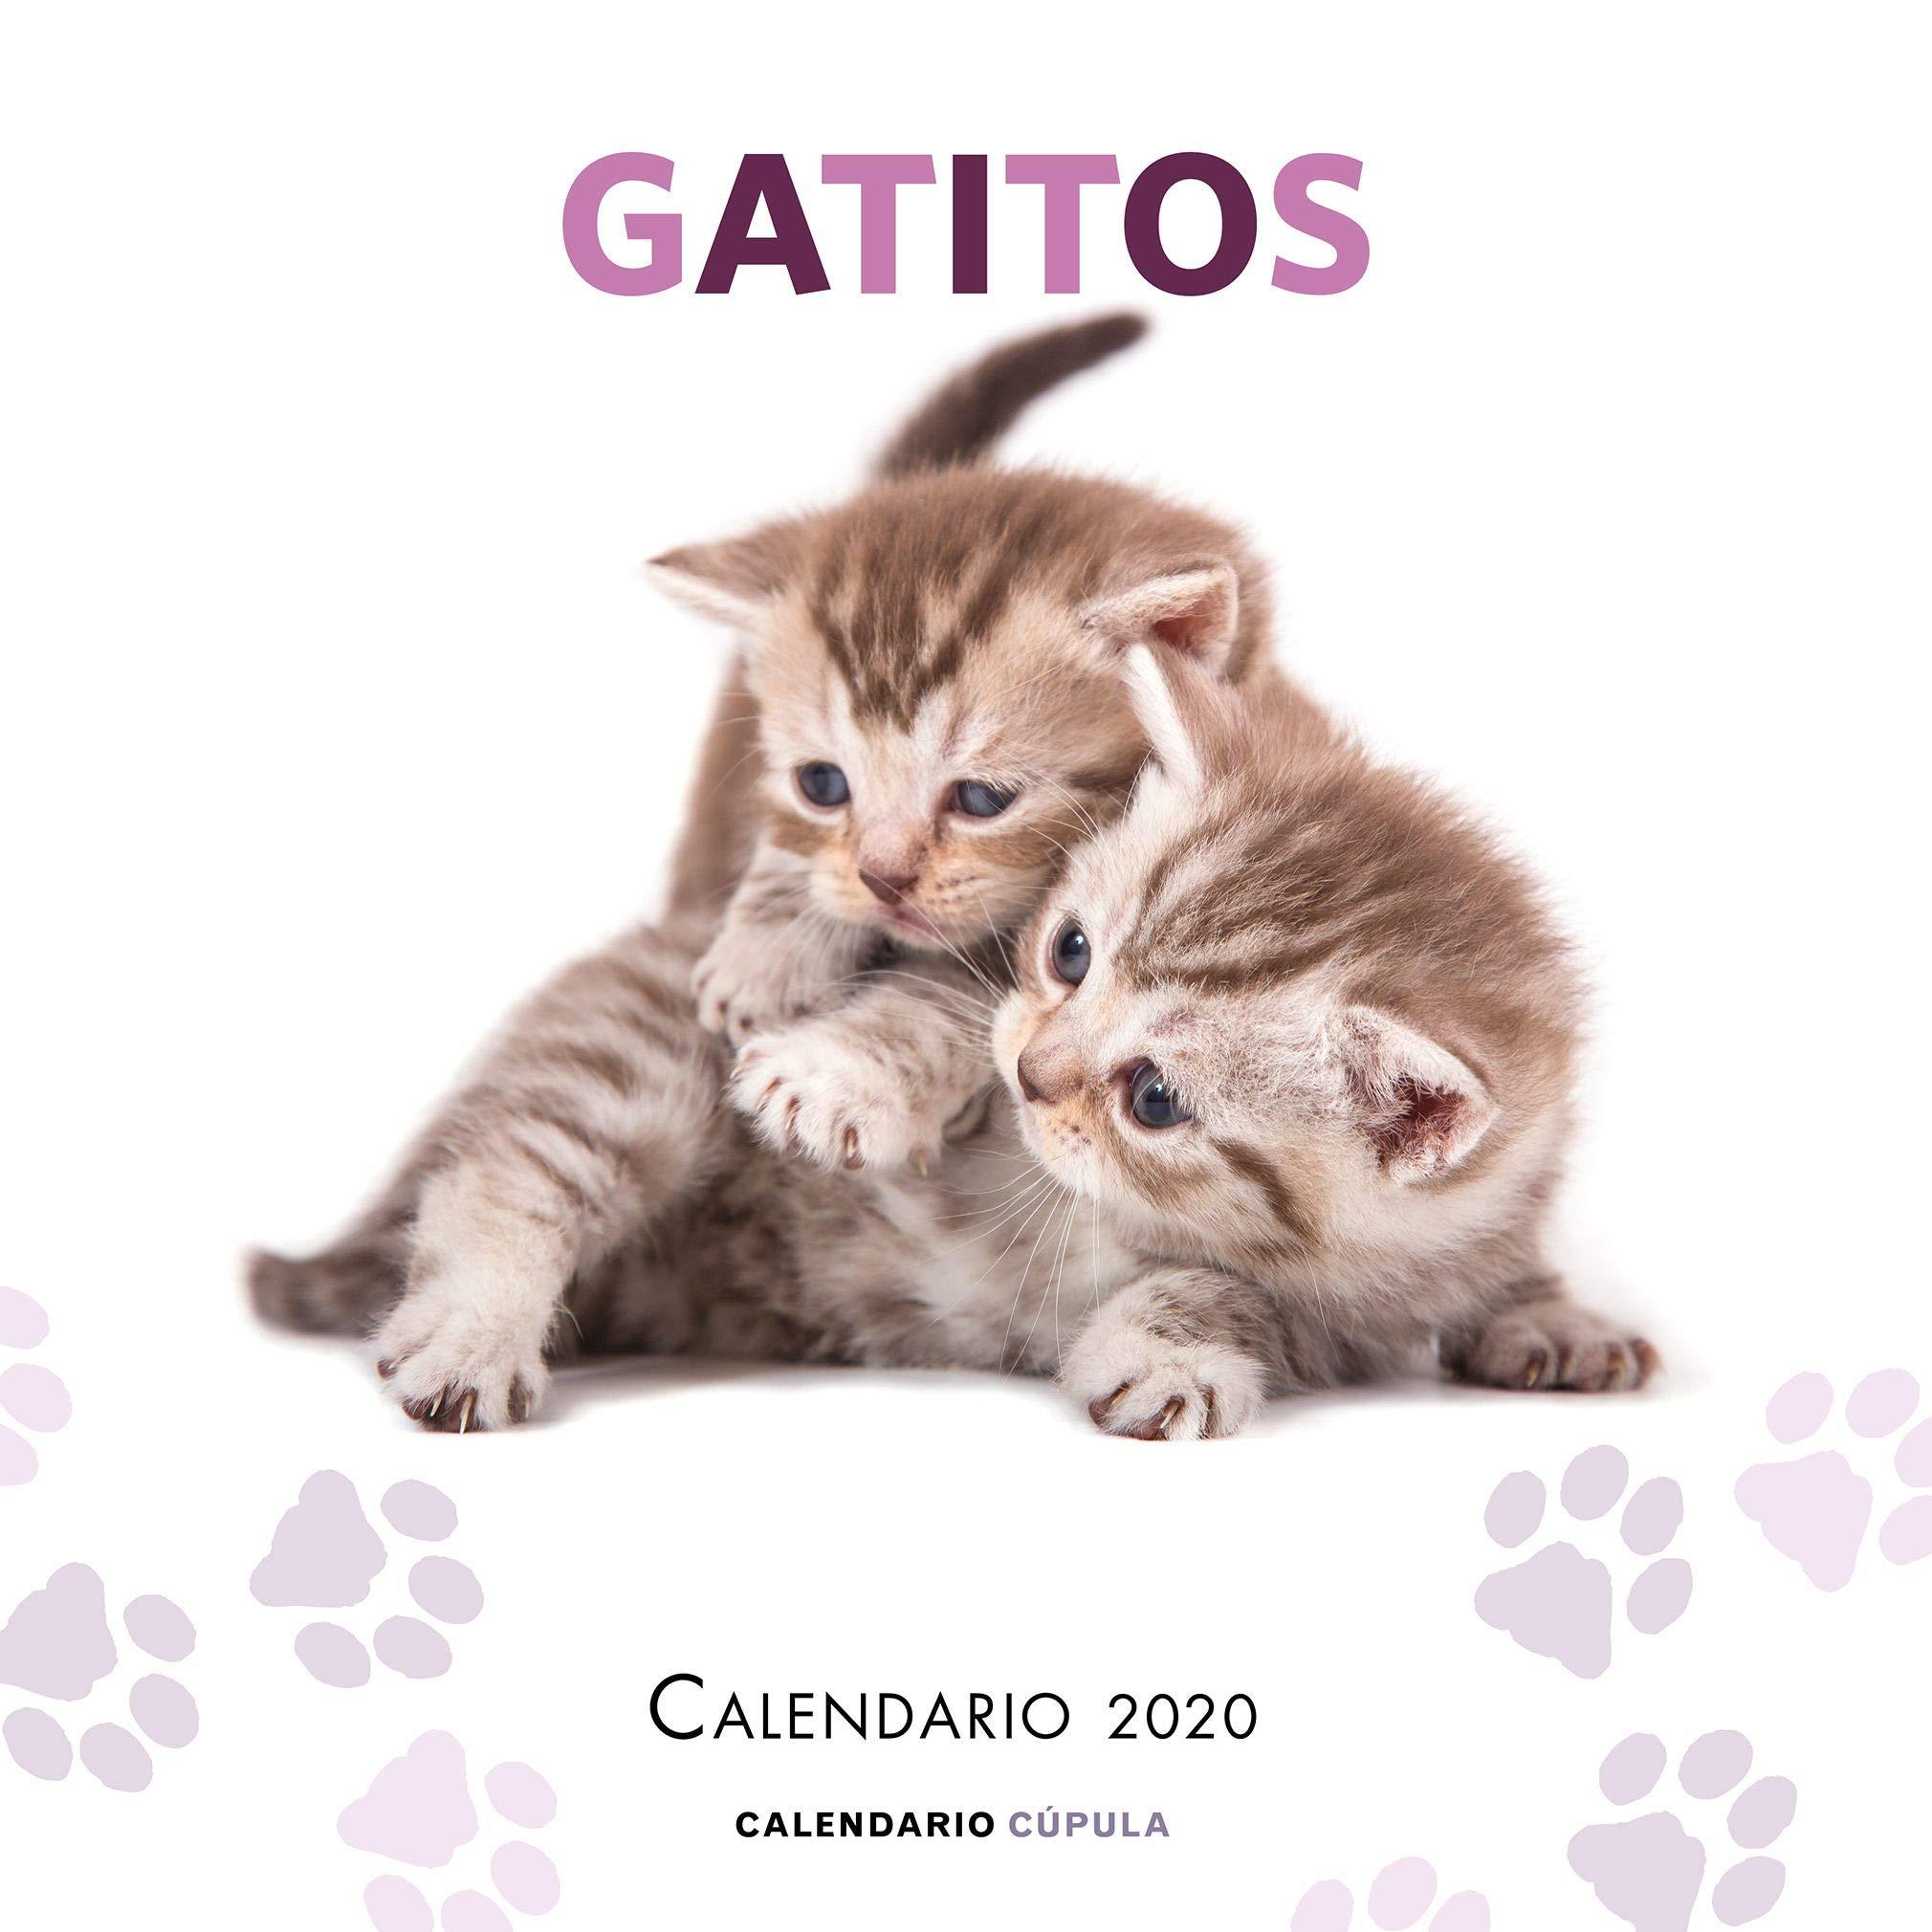 Calendario Gatitos 2020 (Calendarios y agendas): Amazon.es: AA. VV ...